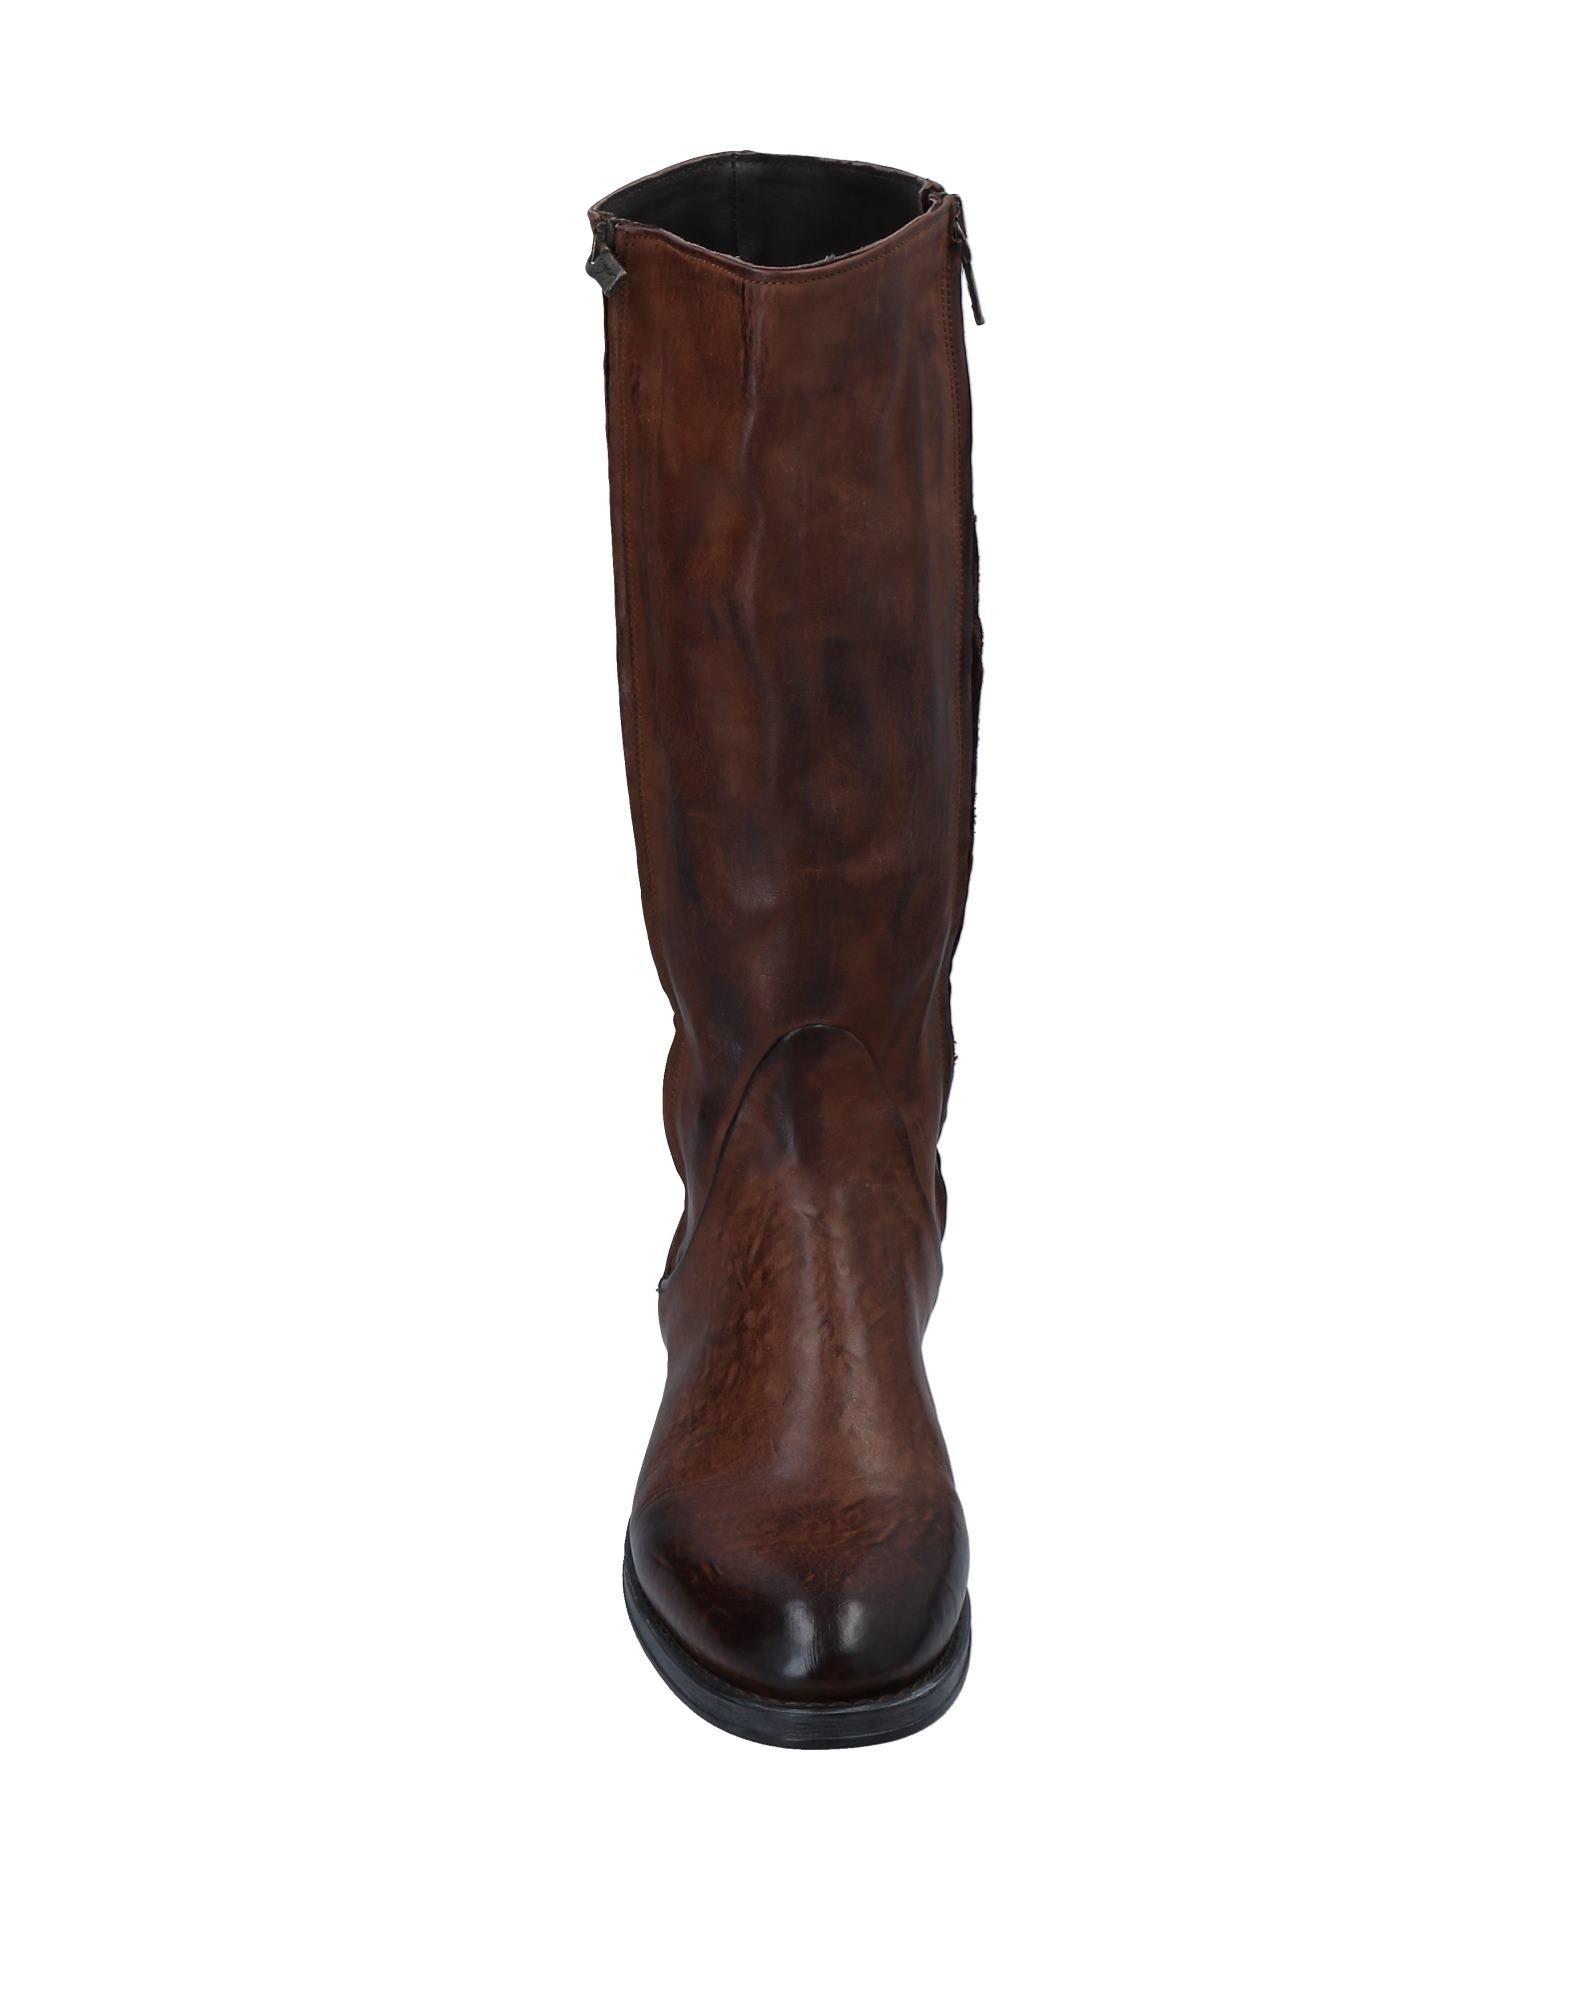 Stilvolle billige Schuhe Stiefel Corvari Stiefel Schuhe Damen  11546723BQ 8759df